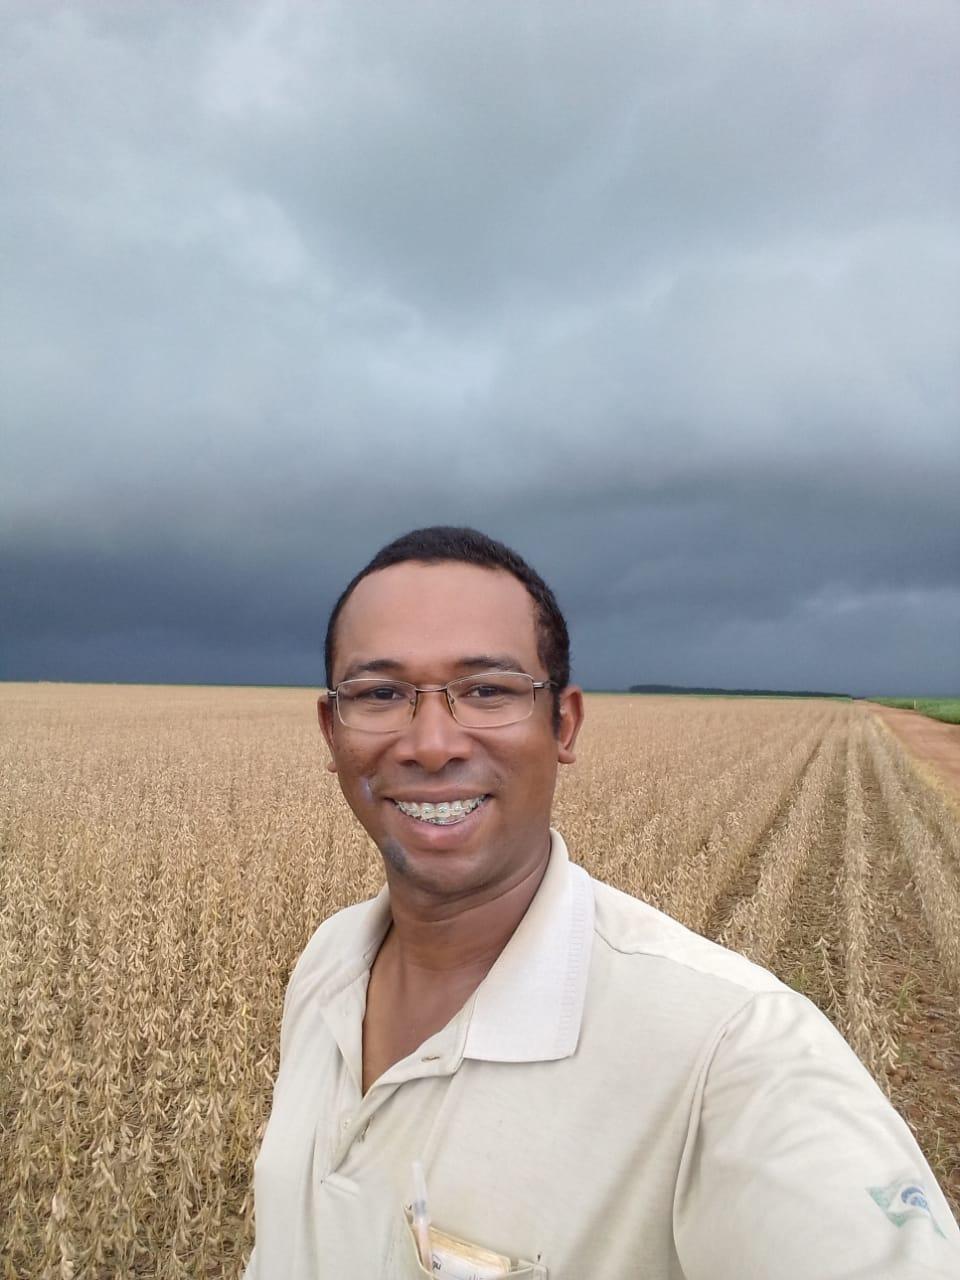 Chuvas chegando na Fazenda Morena, em Campo Novo do Parecis (MT). Envio do Técnico Agrícola Antonio Robis